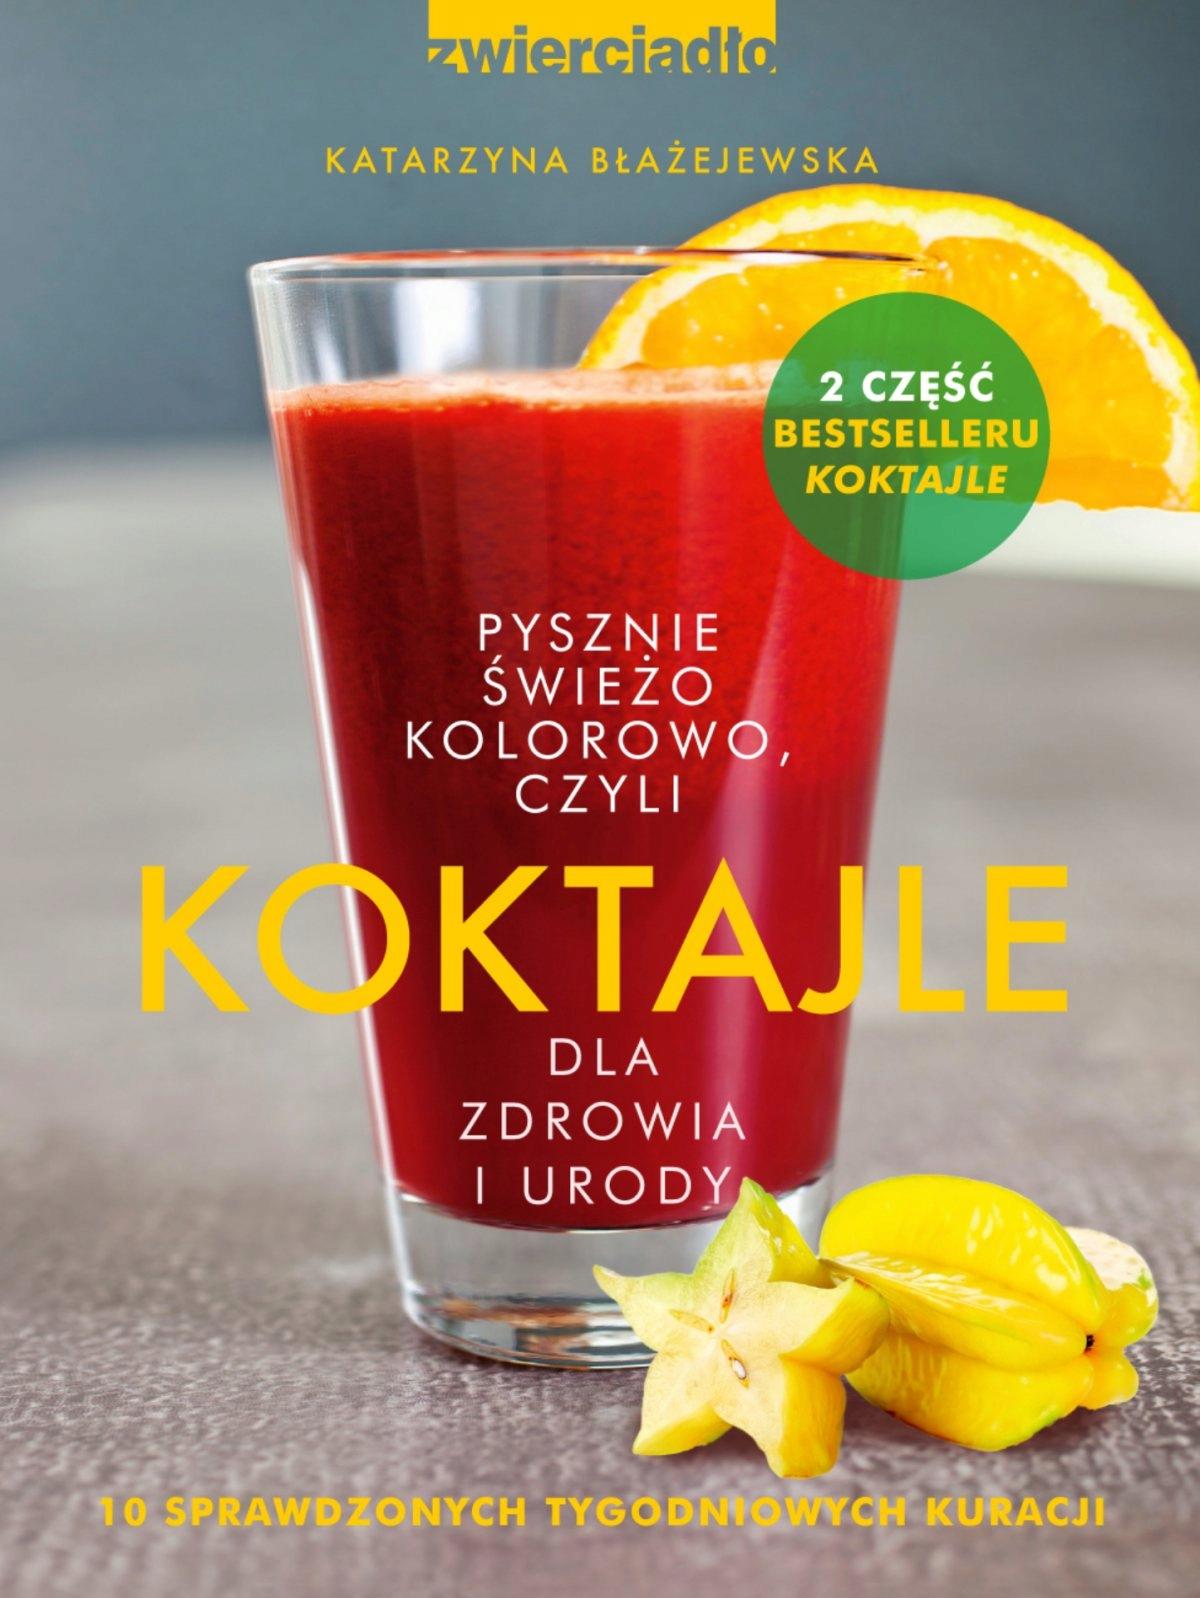 Koktajle dla zdrowia i... Katarzyna Błażejewska